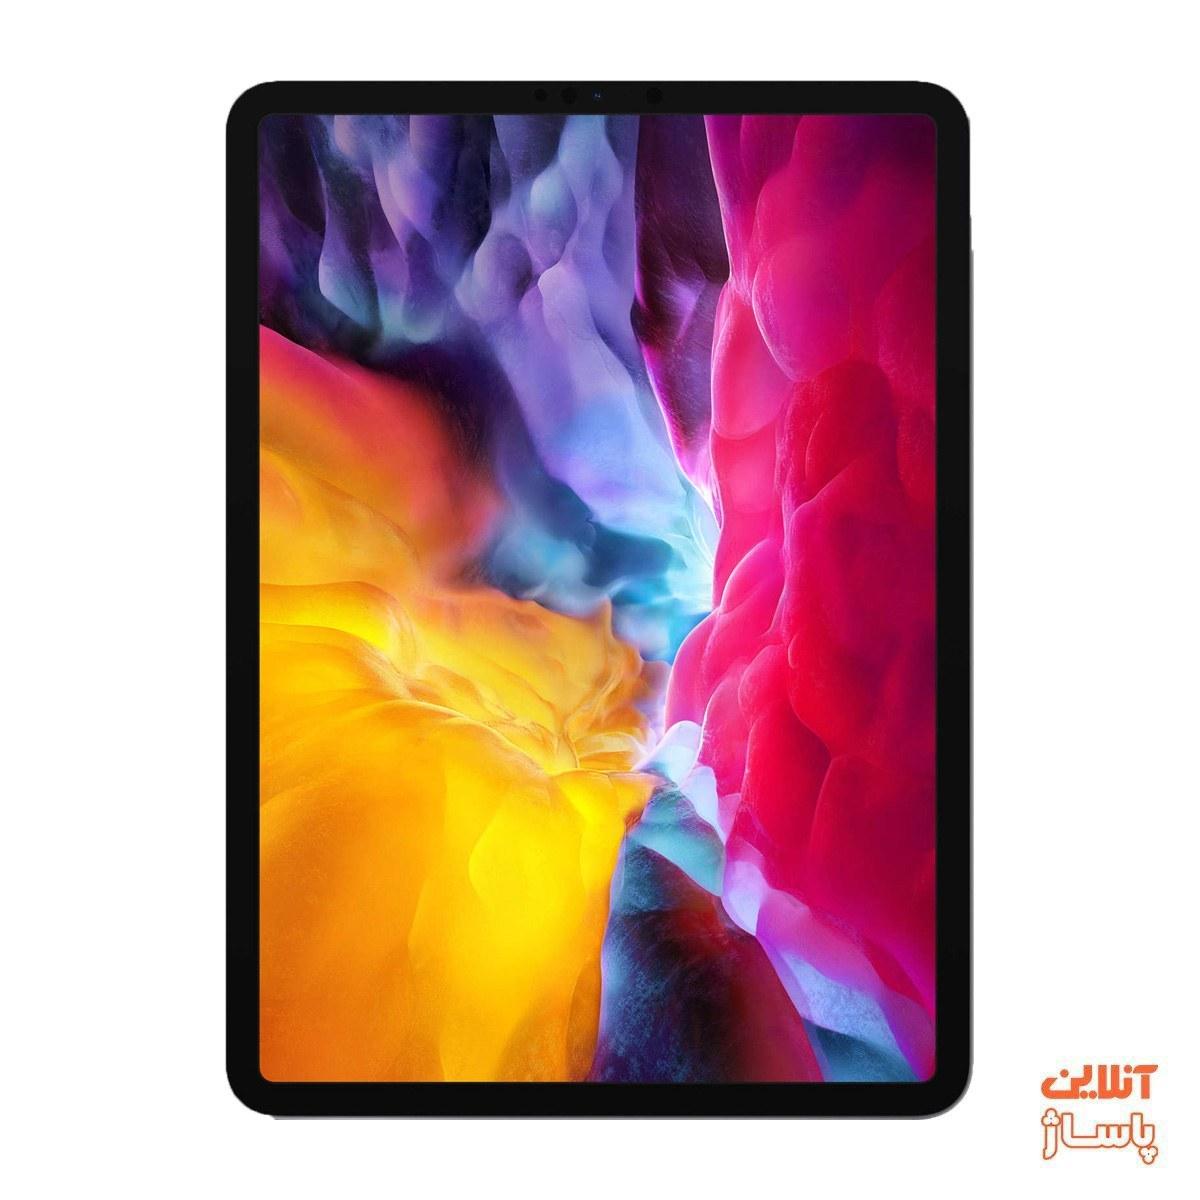 تصویر تبلت اپل مدل iPad Pro 11 inch 2020 4G ظرفیت 256 گیگابایت Apple iPad Pro 11 inch 2020 4G 256GB Tablet